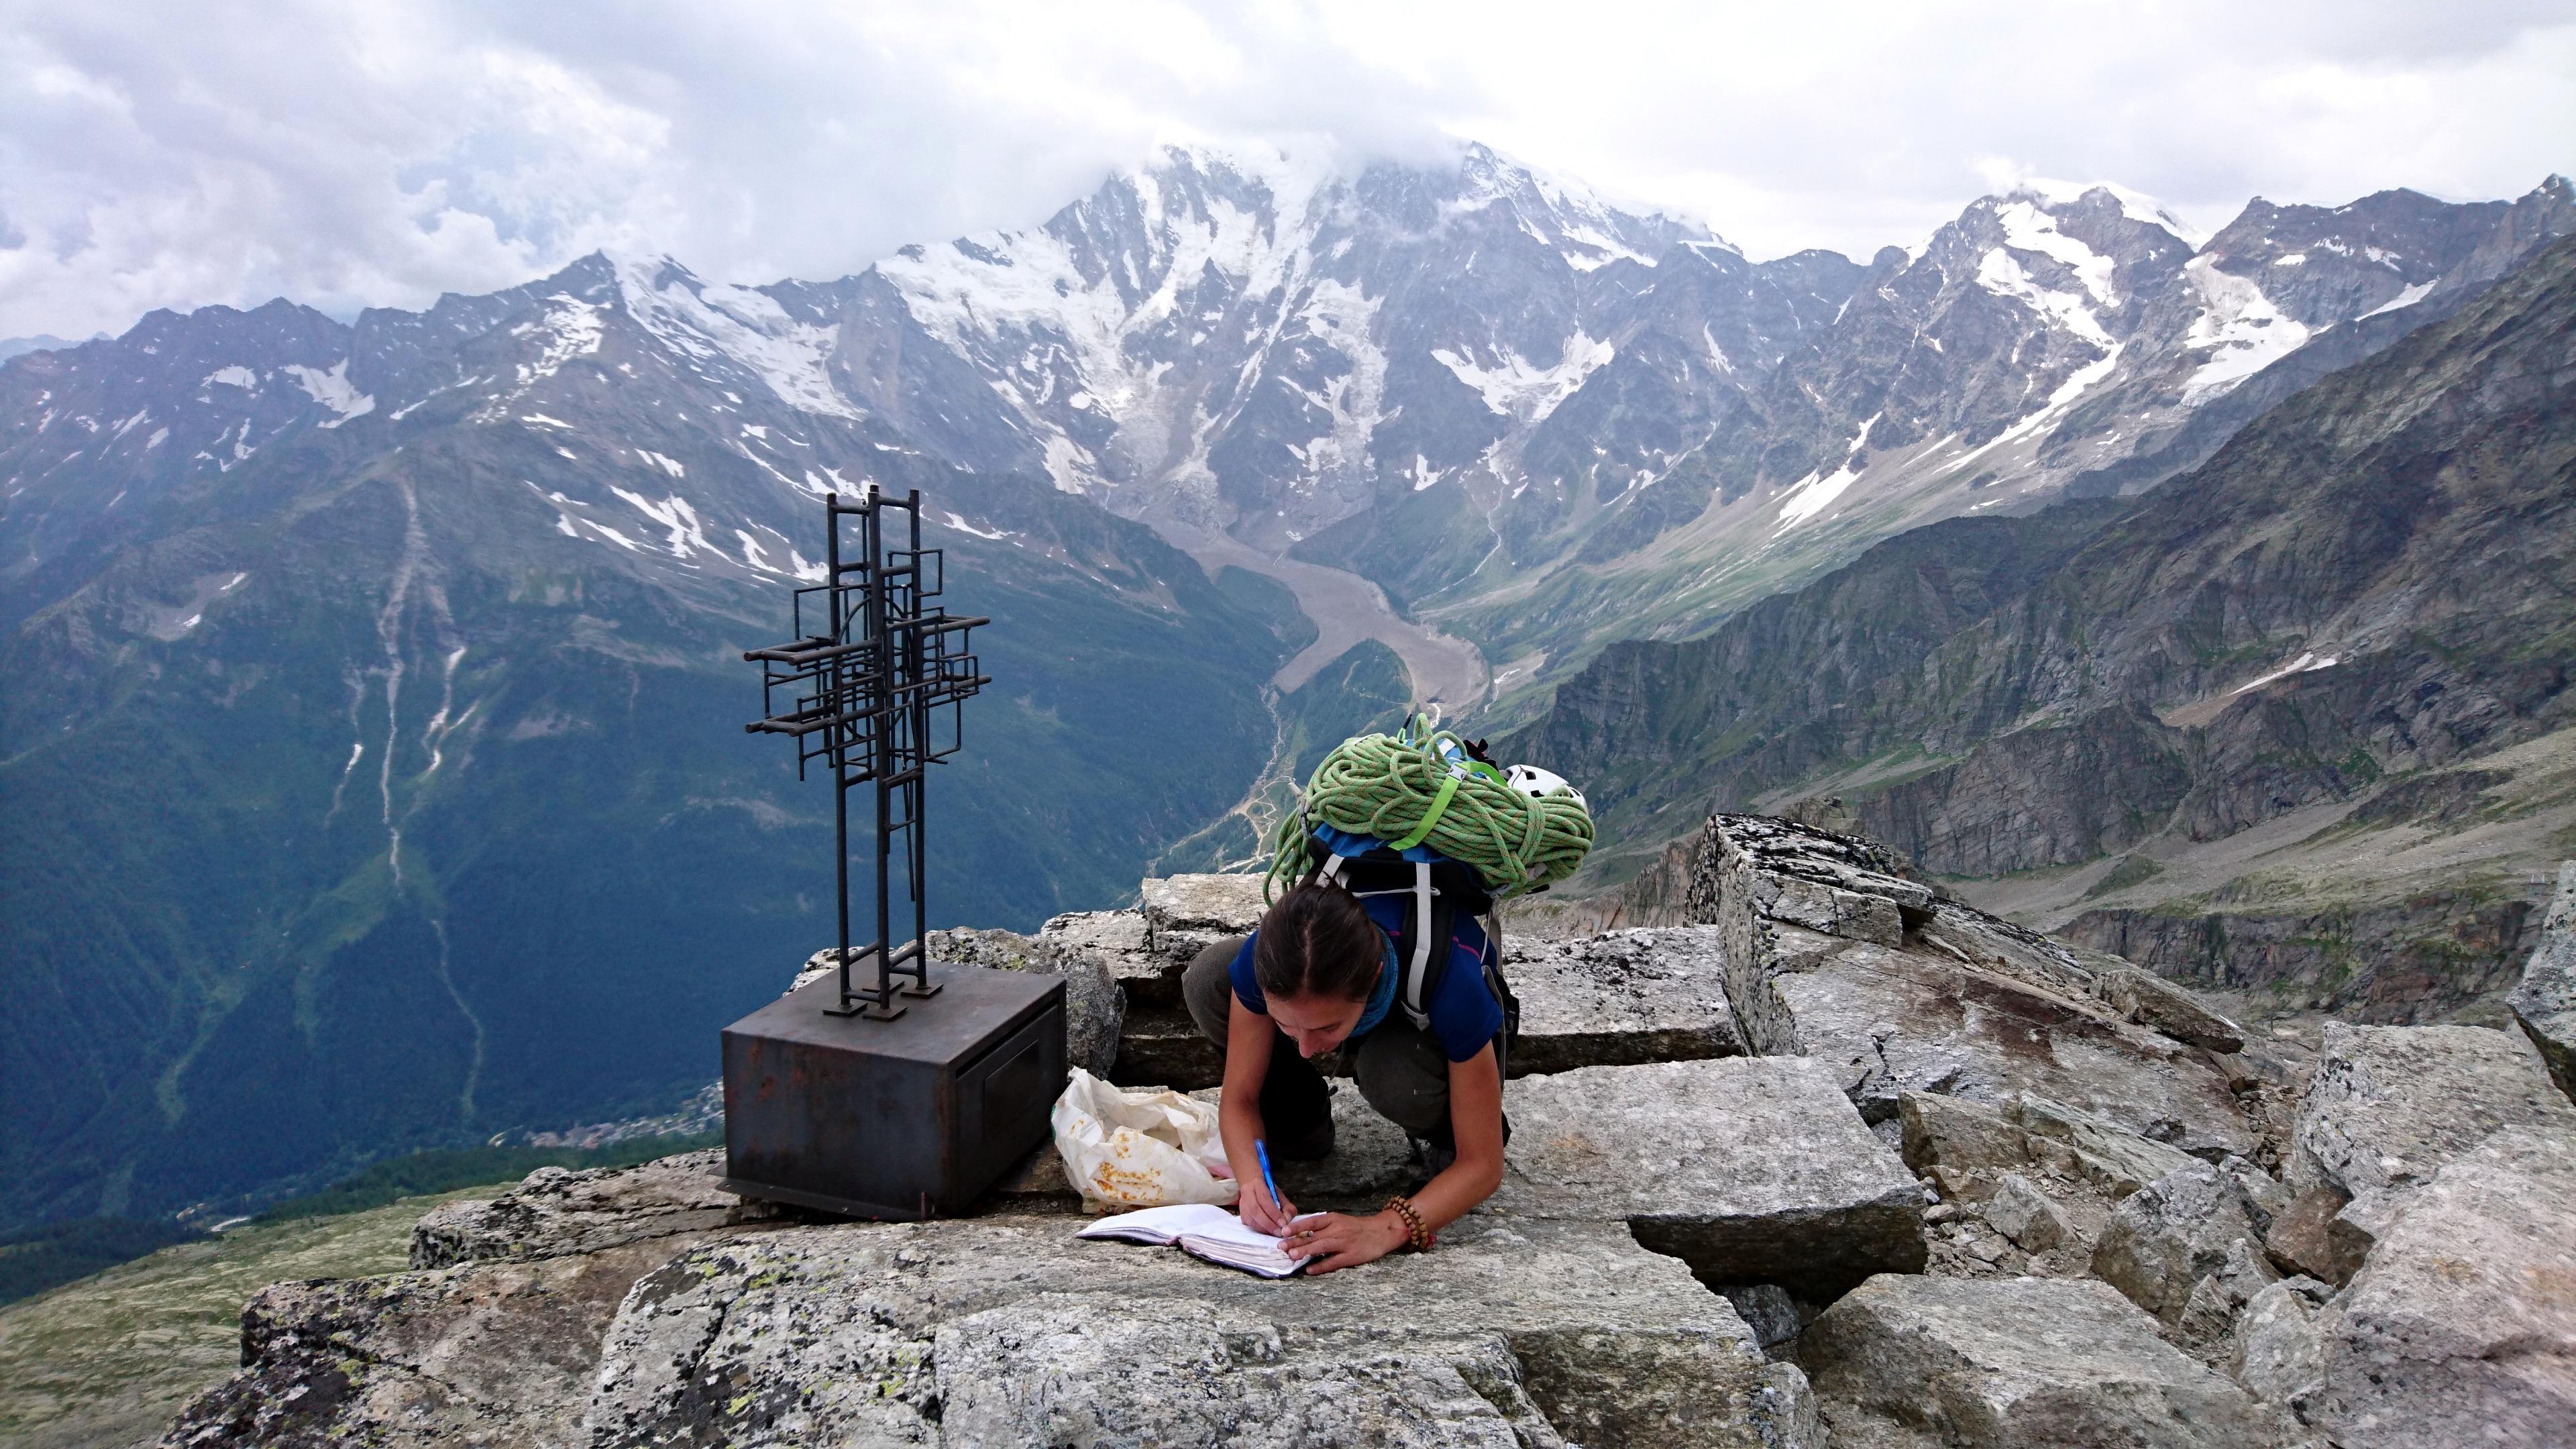 Prima di tornare a valle, due righe sul libro di vetta, a ricordo del nostro passaggio